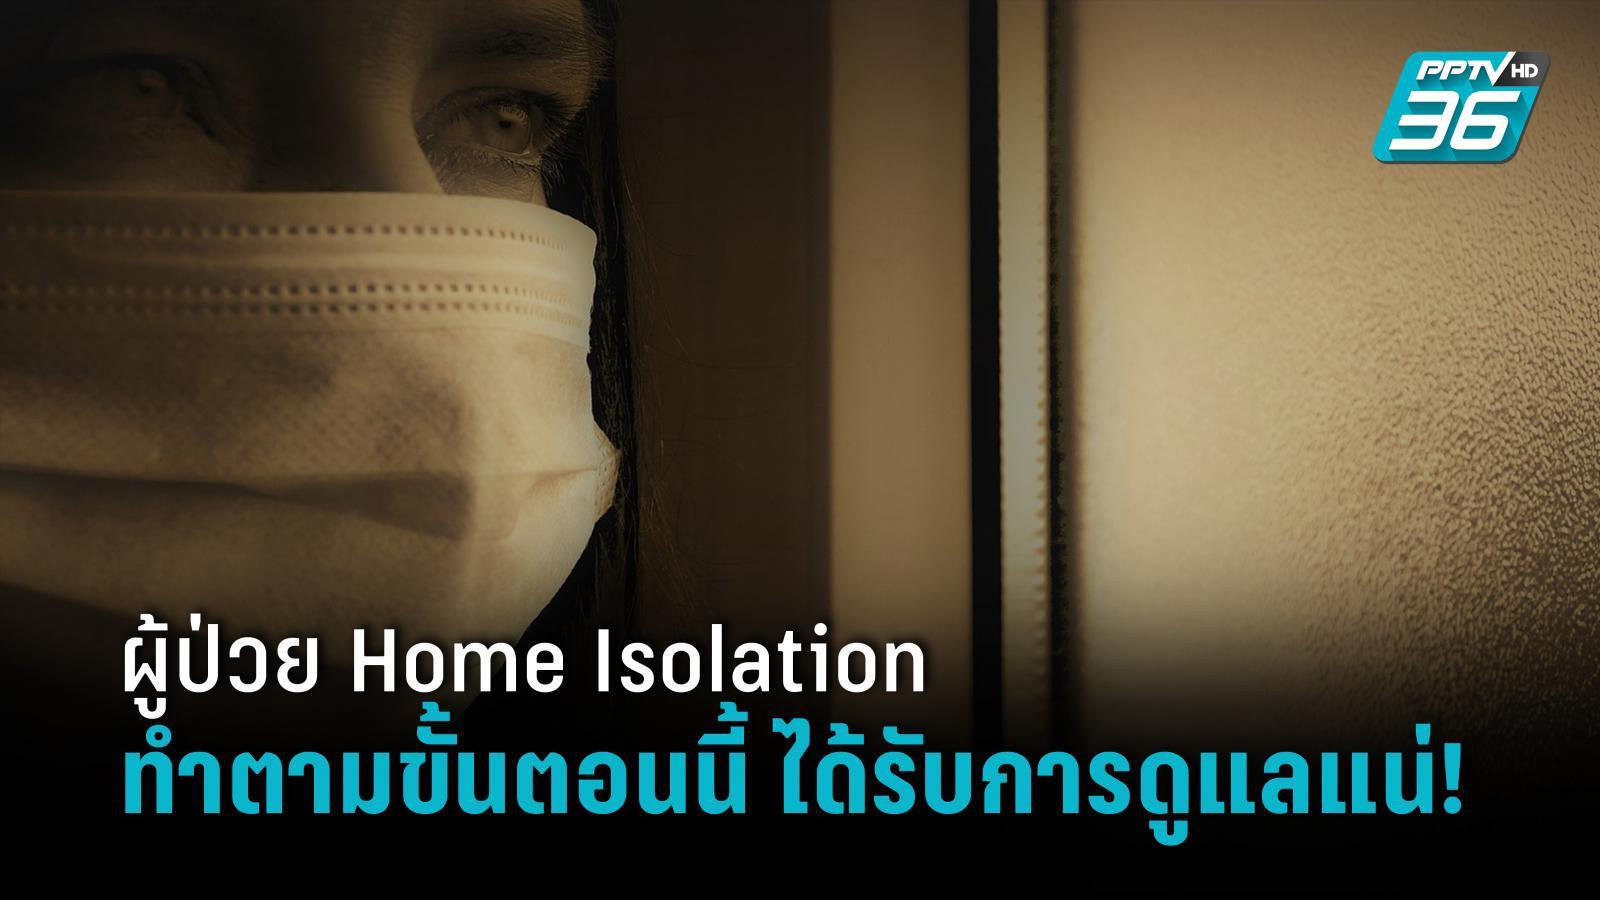 ใครเข้าโครงการ Home Isolation  แล้วยังไม่ได้การติดต่อทำตามขั้นตอนนี้ได้รับการดูแลแน่!